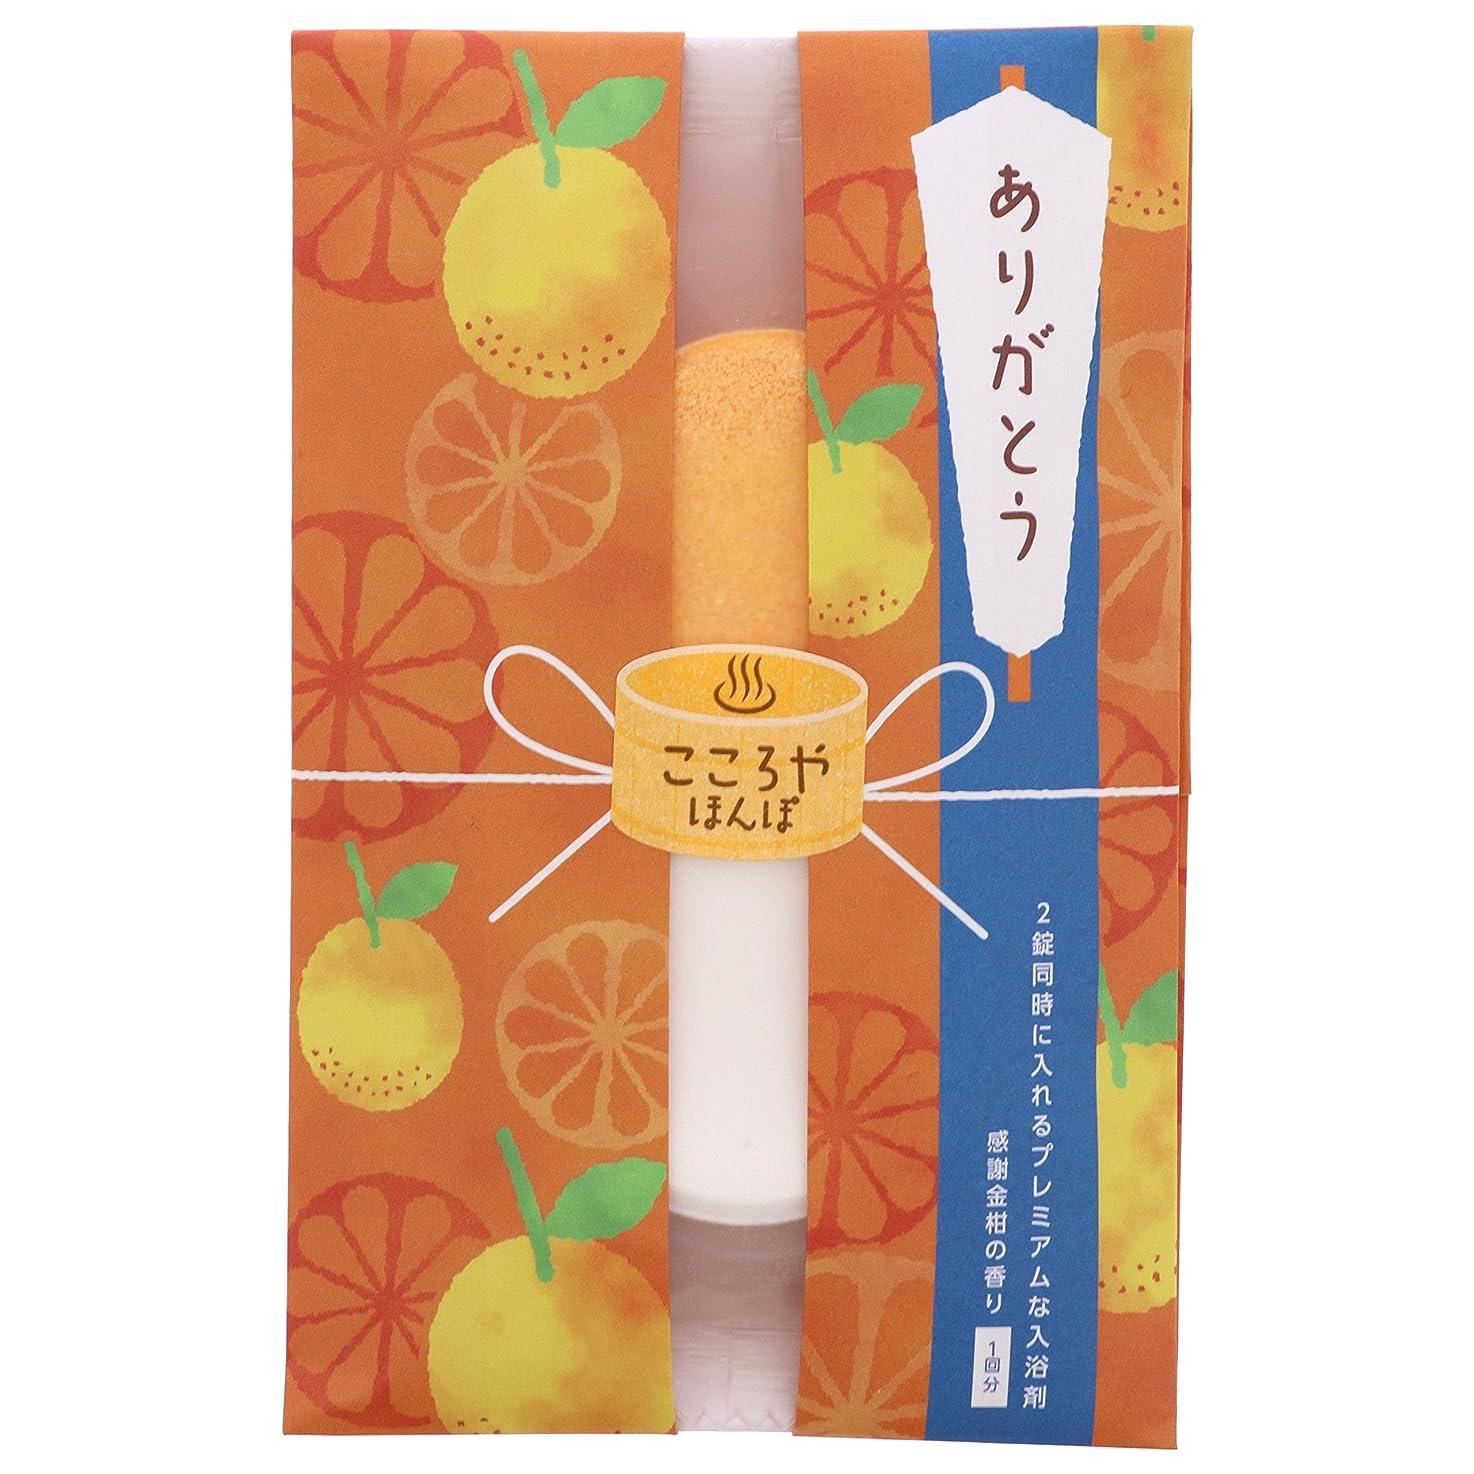 生命体マザーランド動力学こころやほんぽ カジュアルギフト 入浴剤 ありがとう 金柑の香り 50g